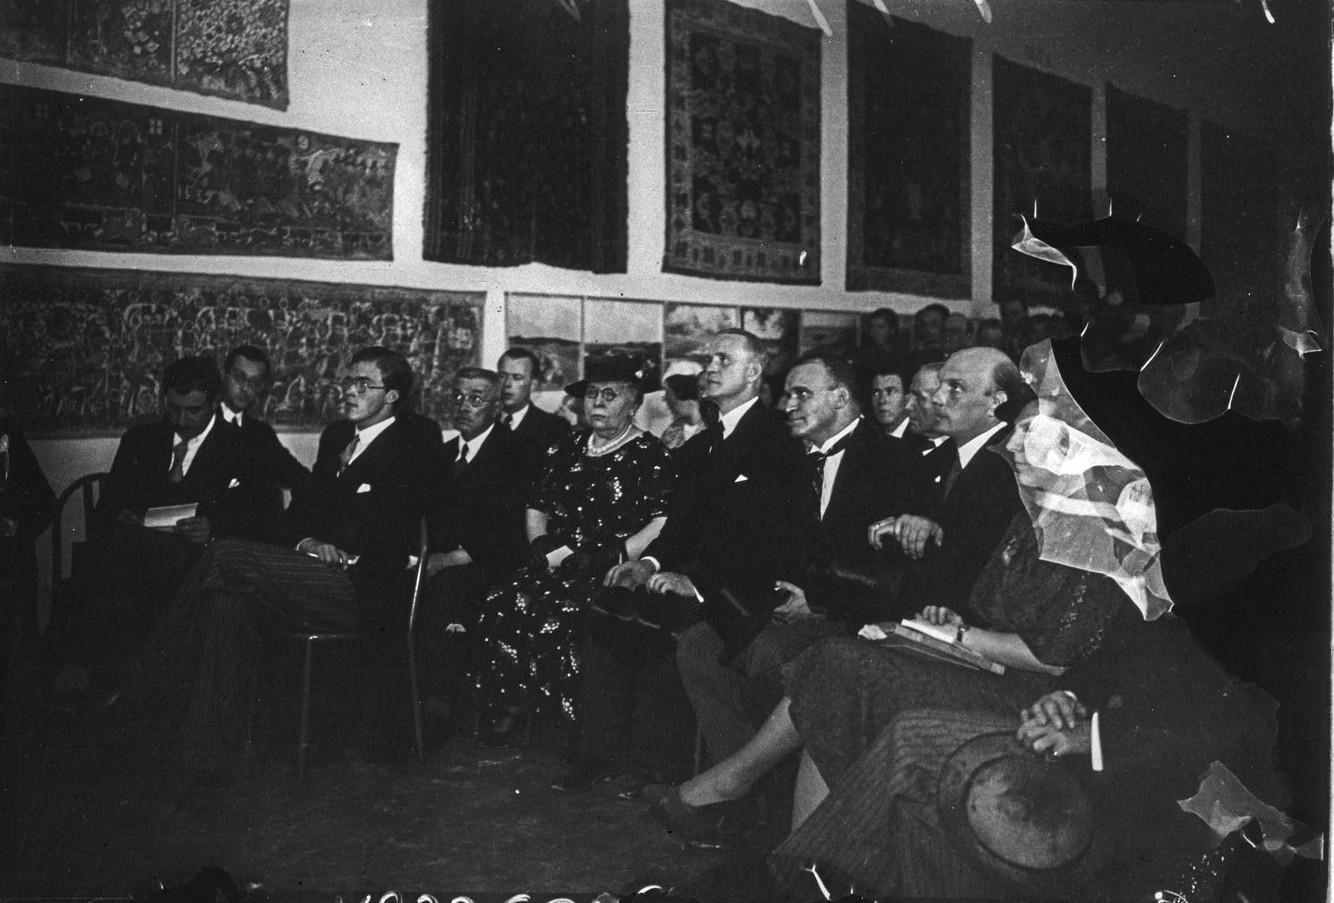 Церемония открытия шведского павильона принцем Карлом Йоханом из Швеции (06 июня 1937)